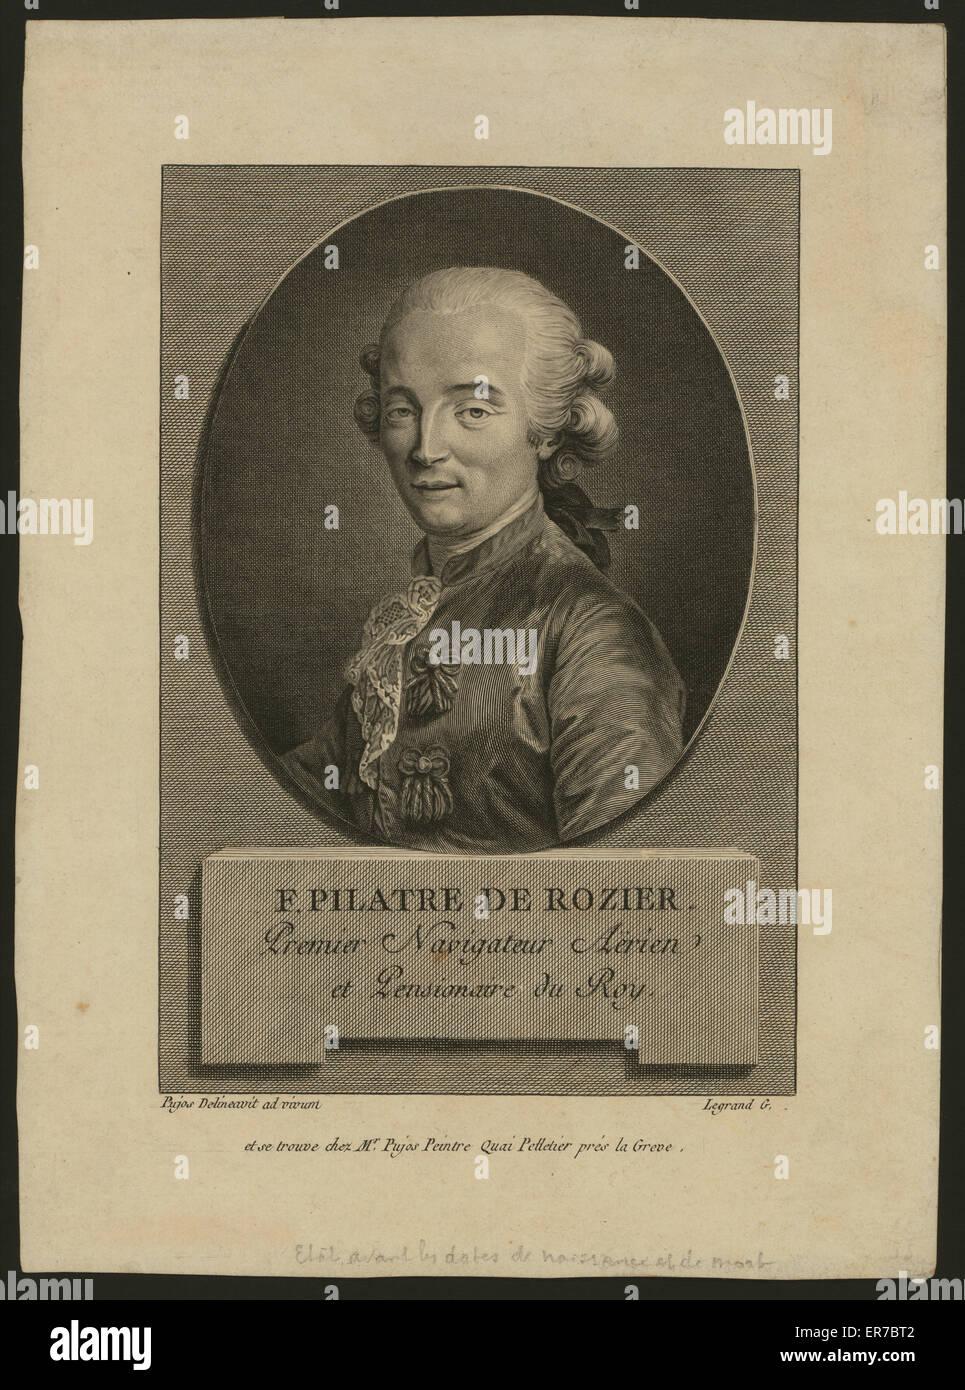 F. Pilatre de Rozier. Premier navigateur aerien et pensionaire du roy. Oval head-and-shoulders portrait of French - Stock Image